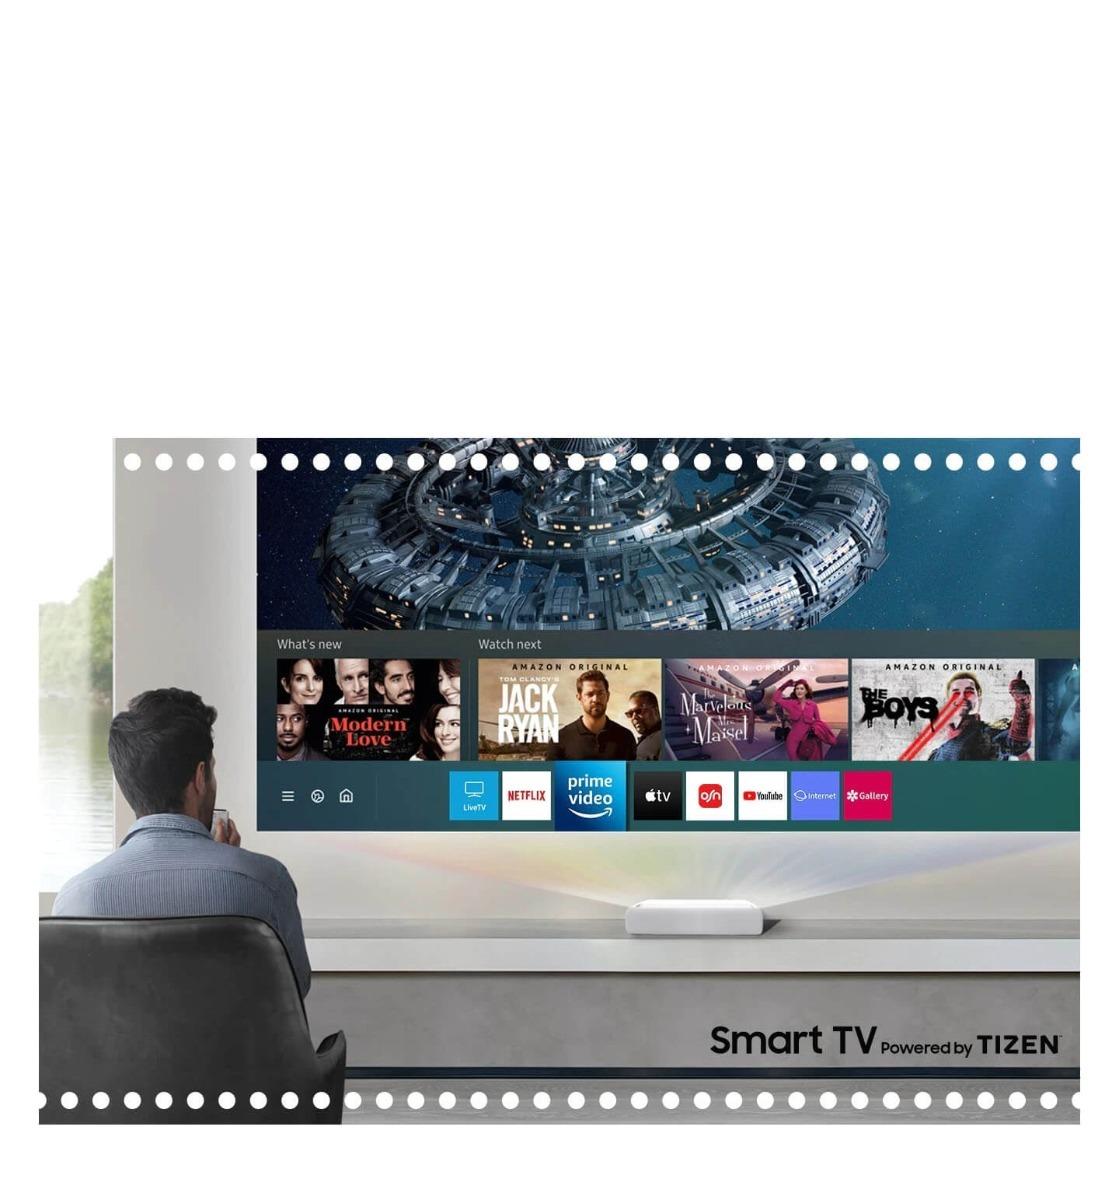 جهاز العرض الليزري Premiere Smart 4K UHD ذو الإسقاط القصير للغاية ثلاثي الأبعاد الكويت2